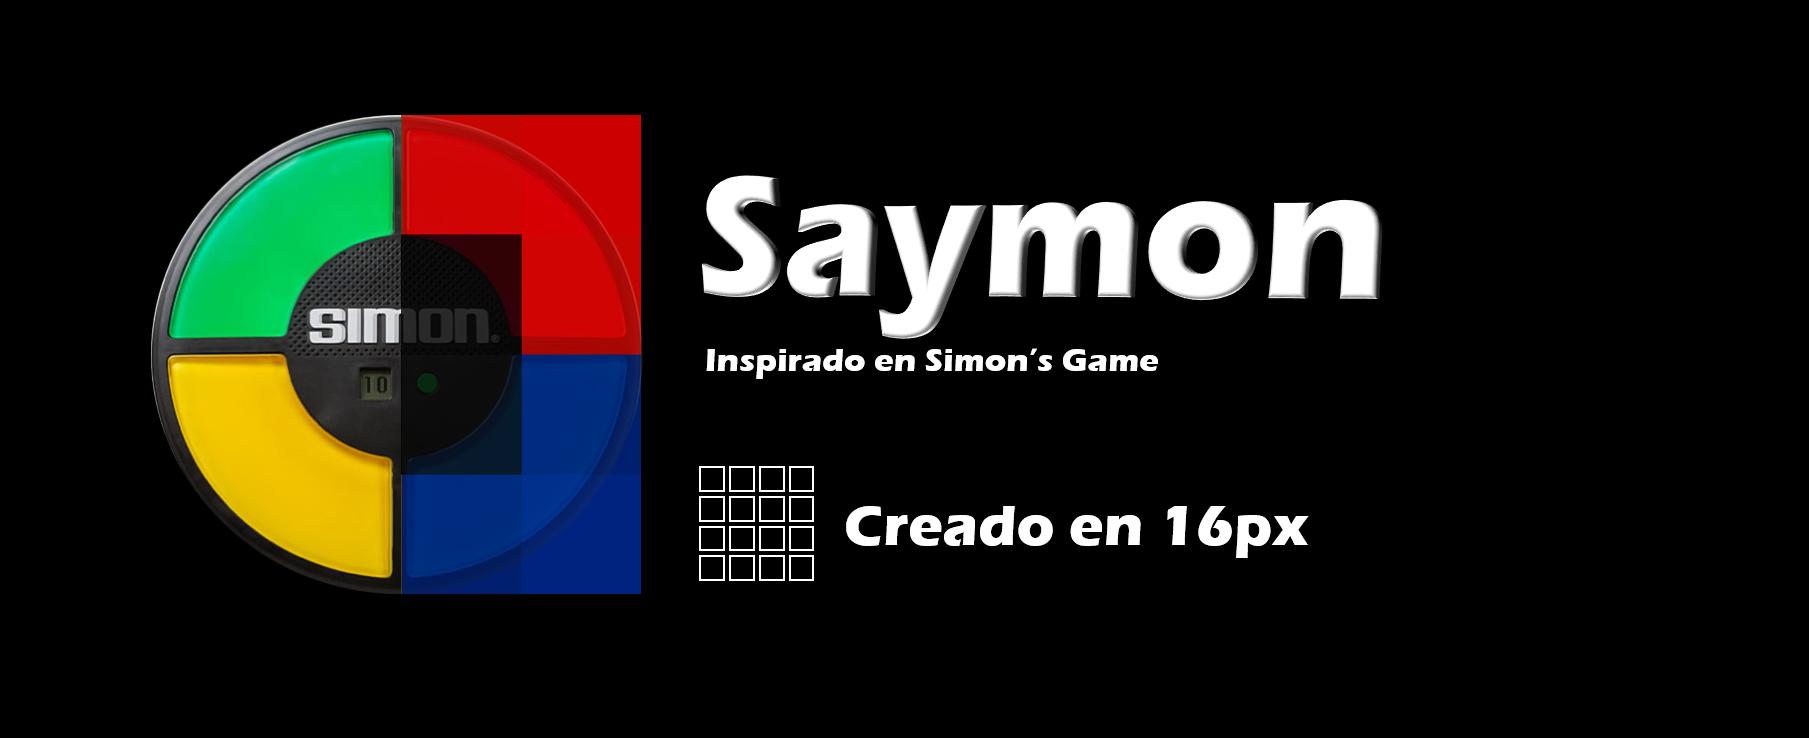 Saymon!